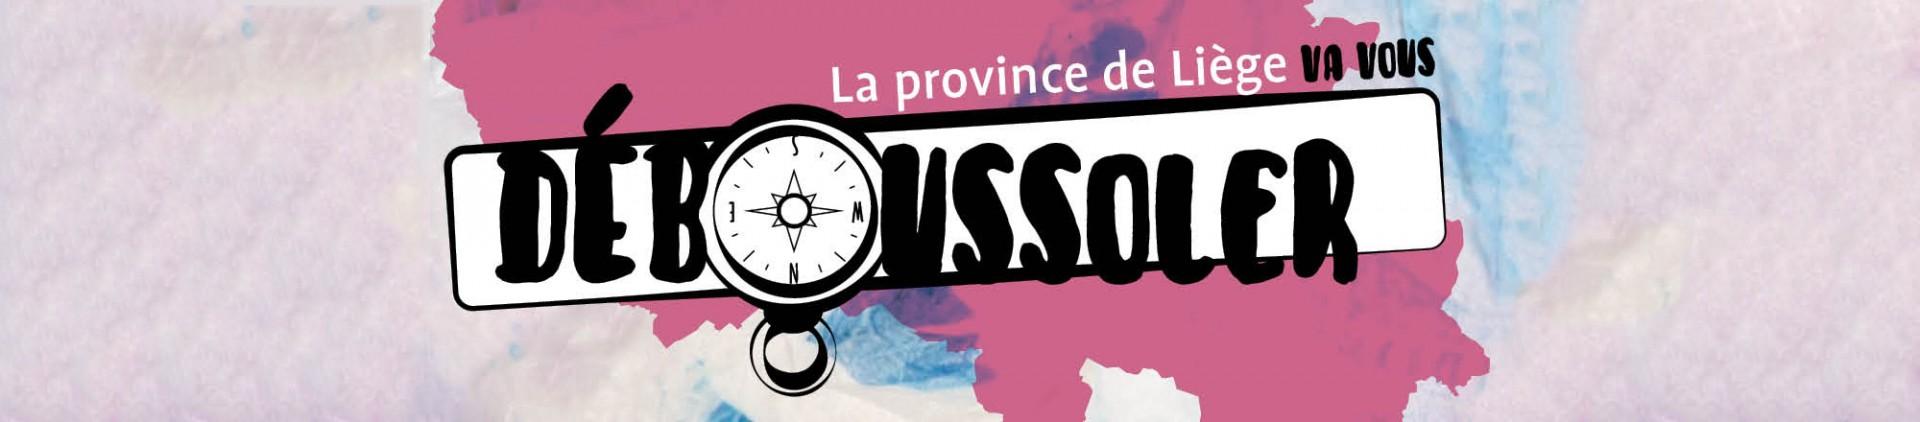 La province de Liège va vous déboussoler